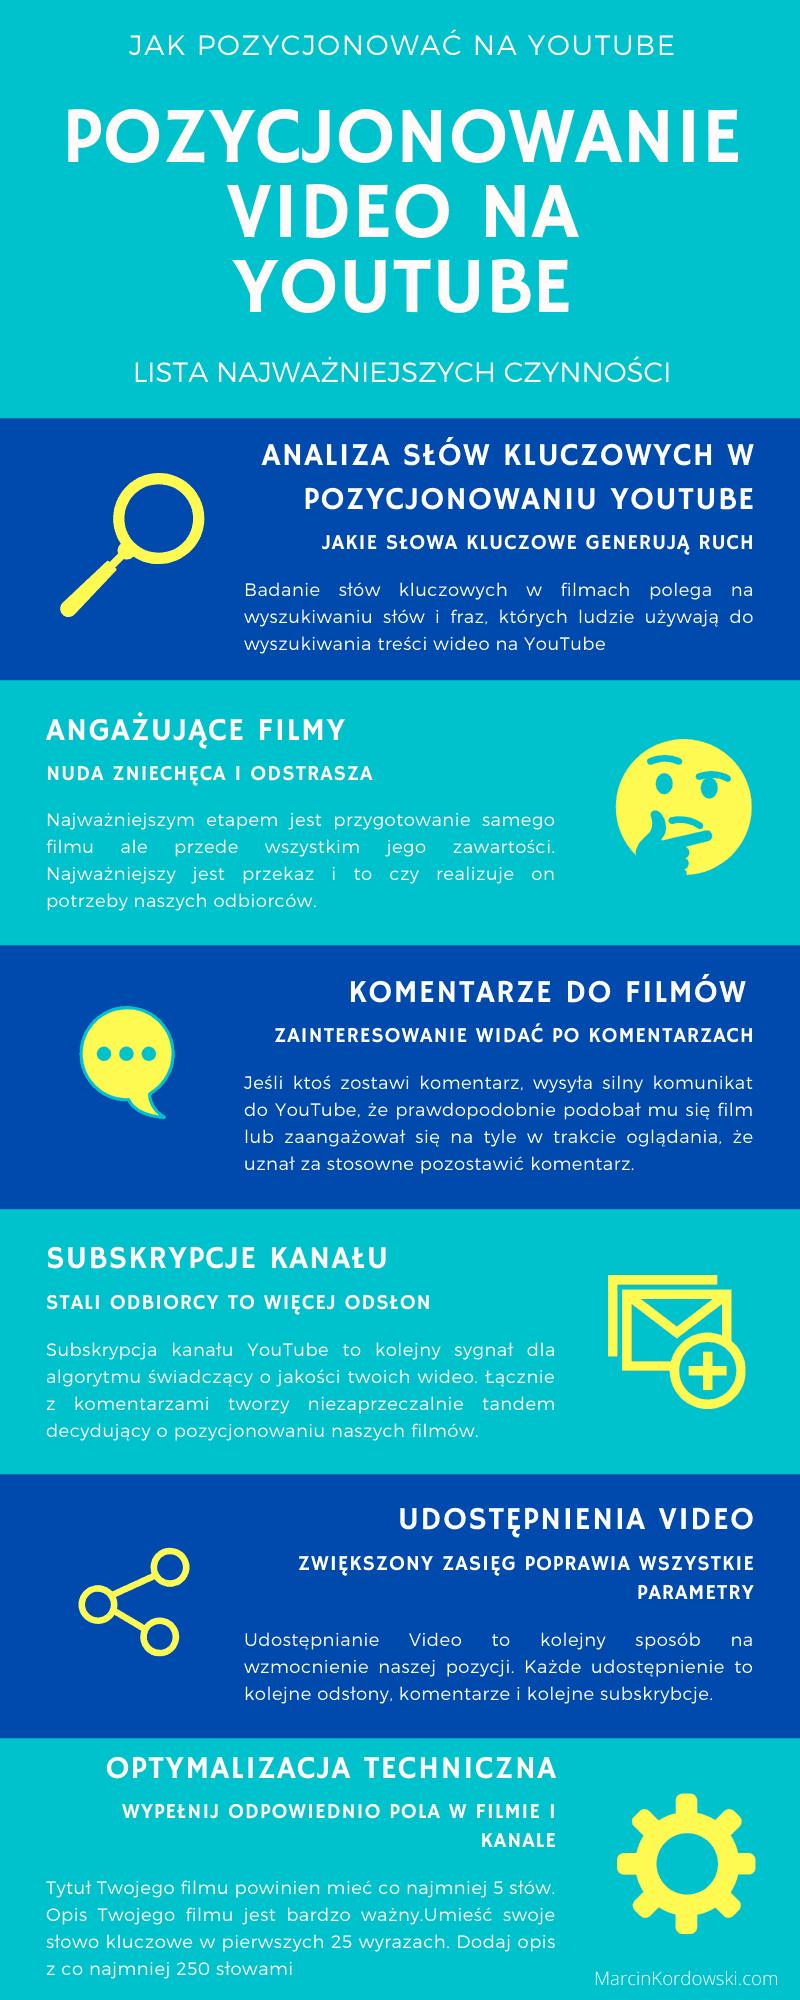 Pozycjonowanie YouTube Infografika MarcinKordowski.com